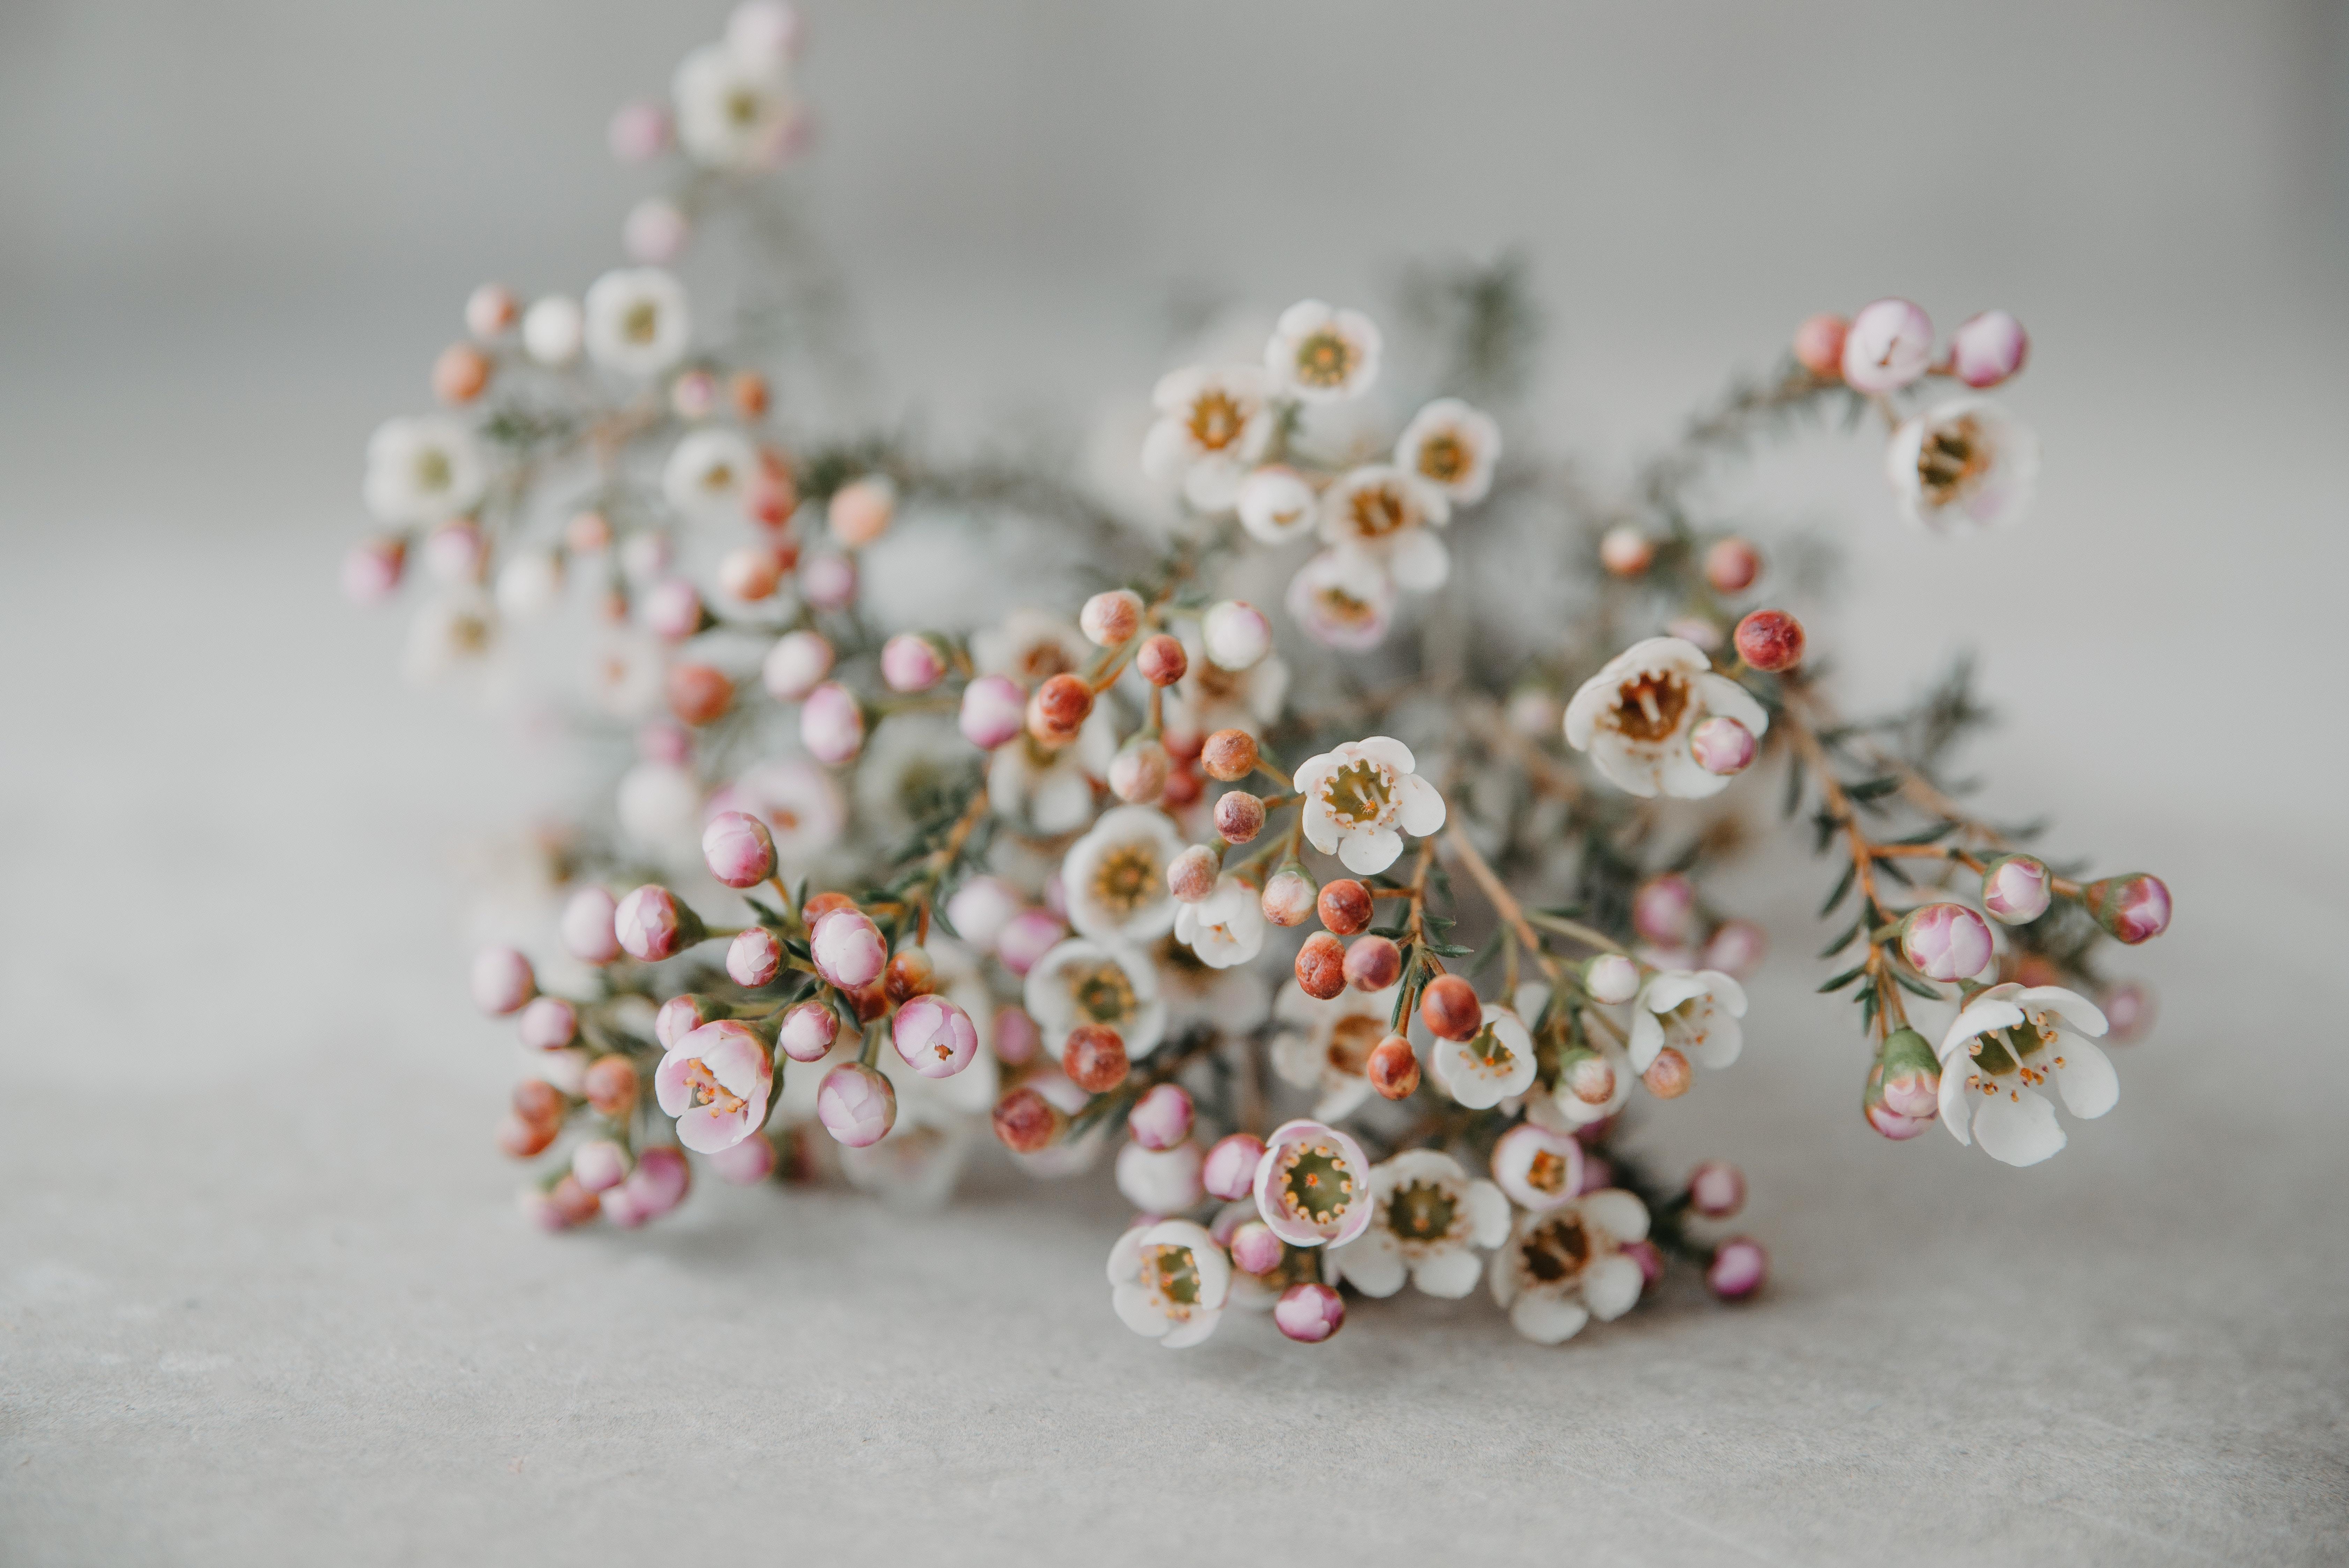 white petaled flower decor